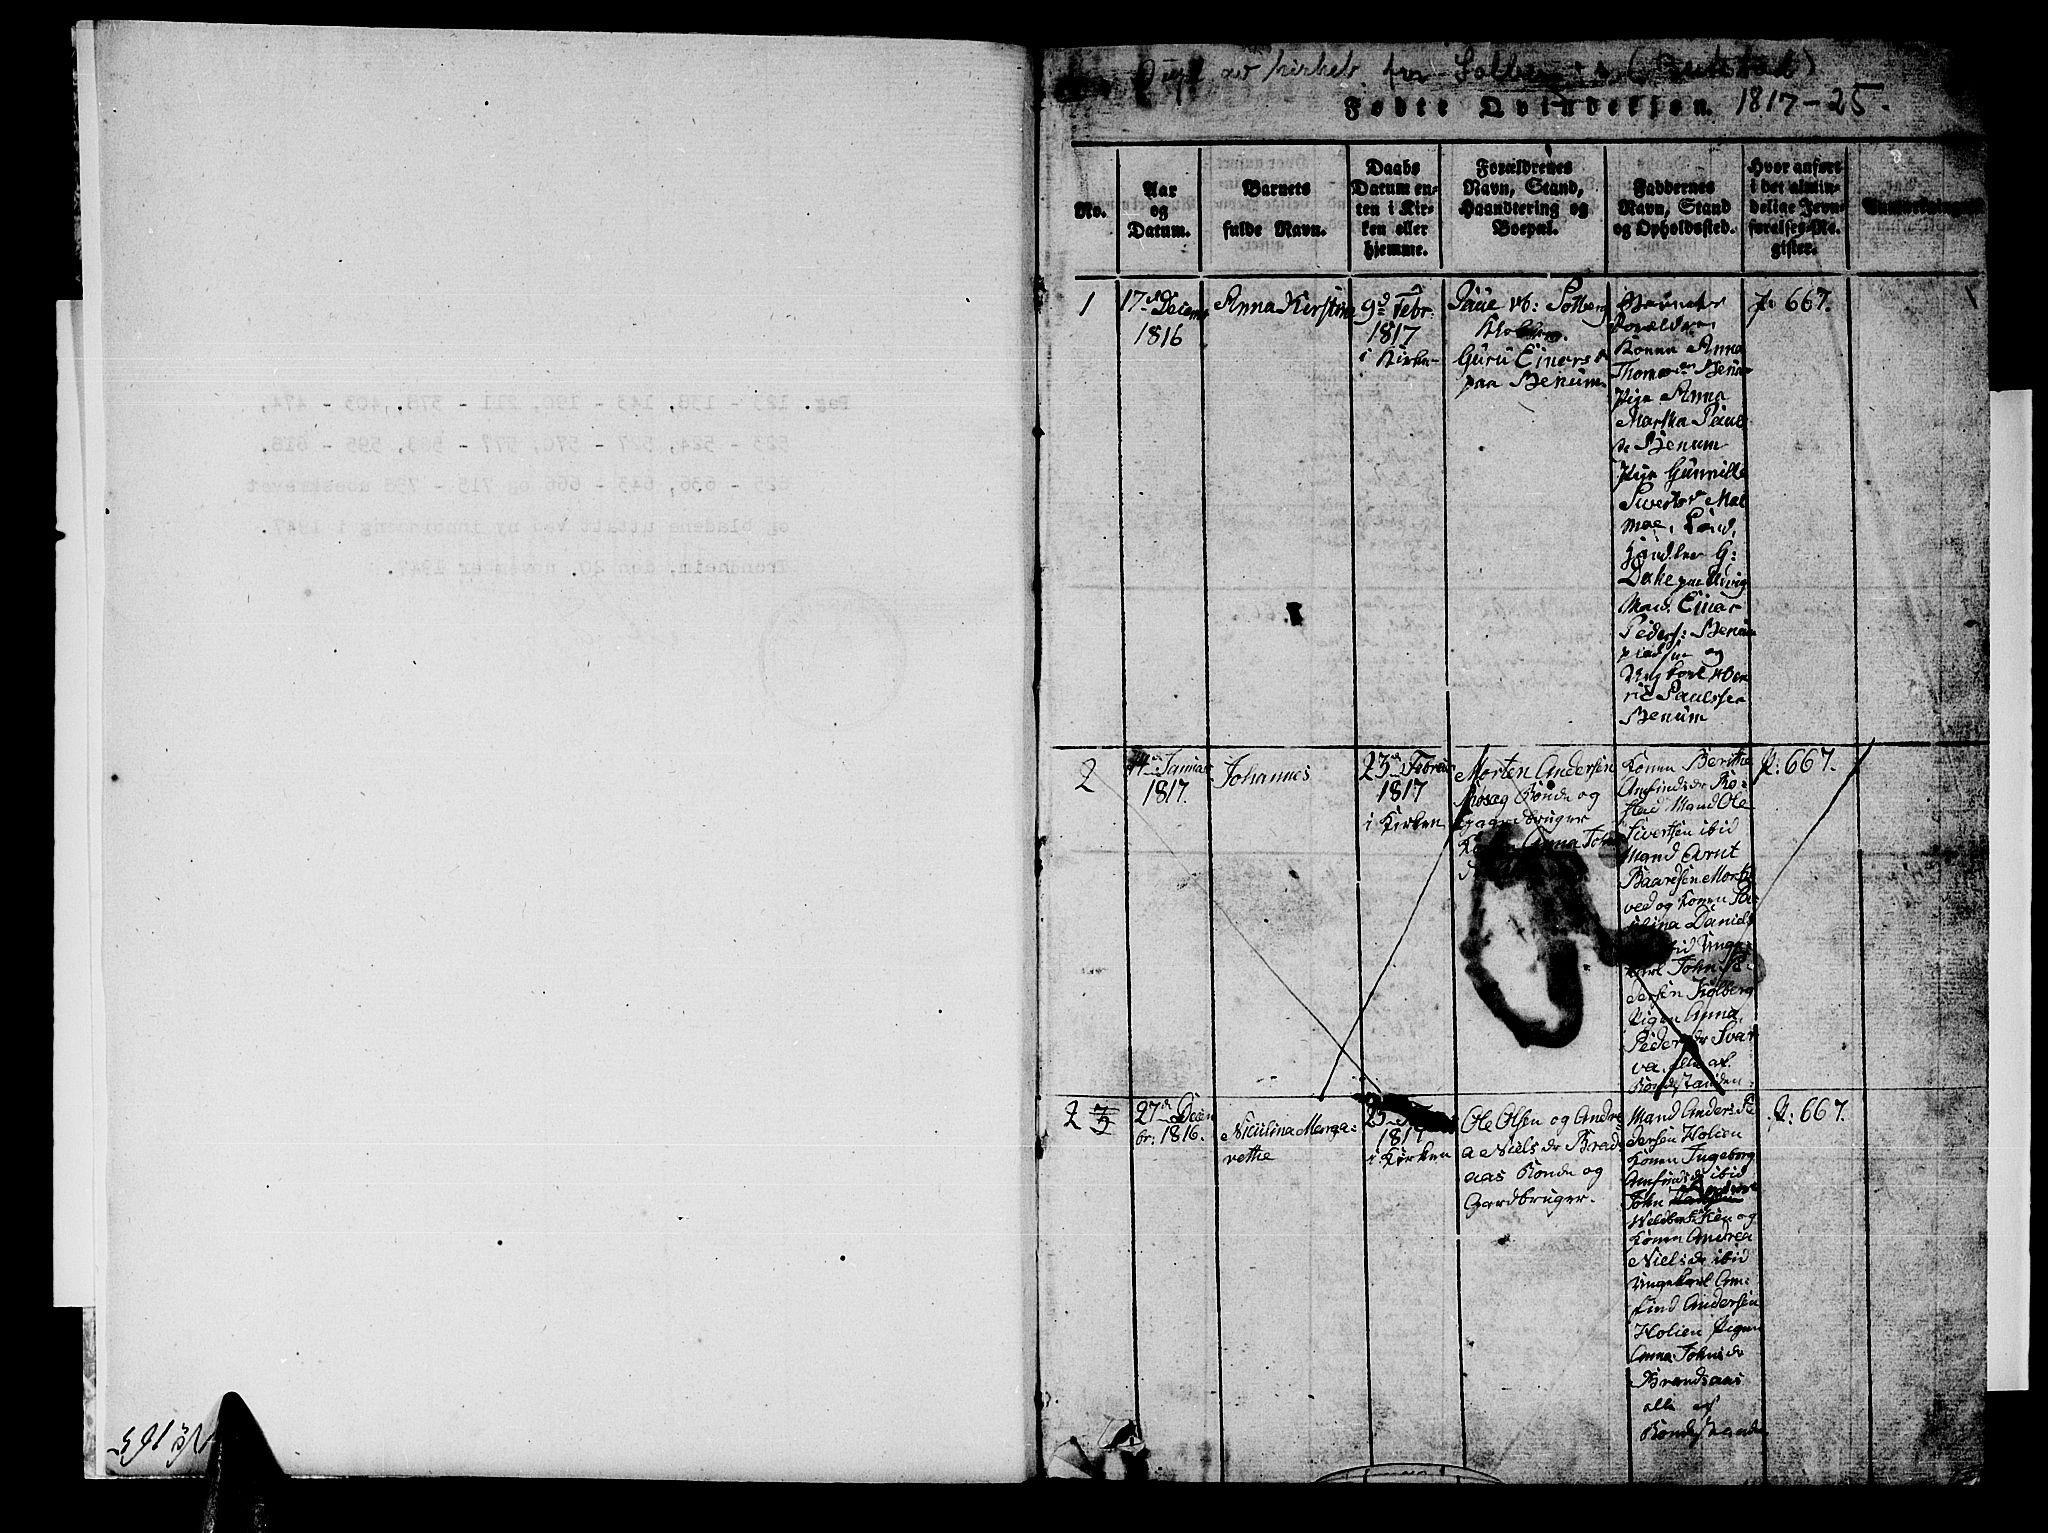 SAT, Ministerialprotokoller, klokkerbøker og fødselsregistre - Nord-Trøndelag, 741/L0400: Klokkerbok nr. 741C01, 1817-1825, s. 0-1